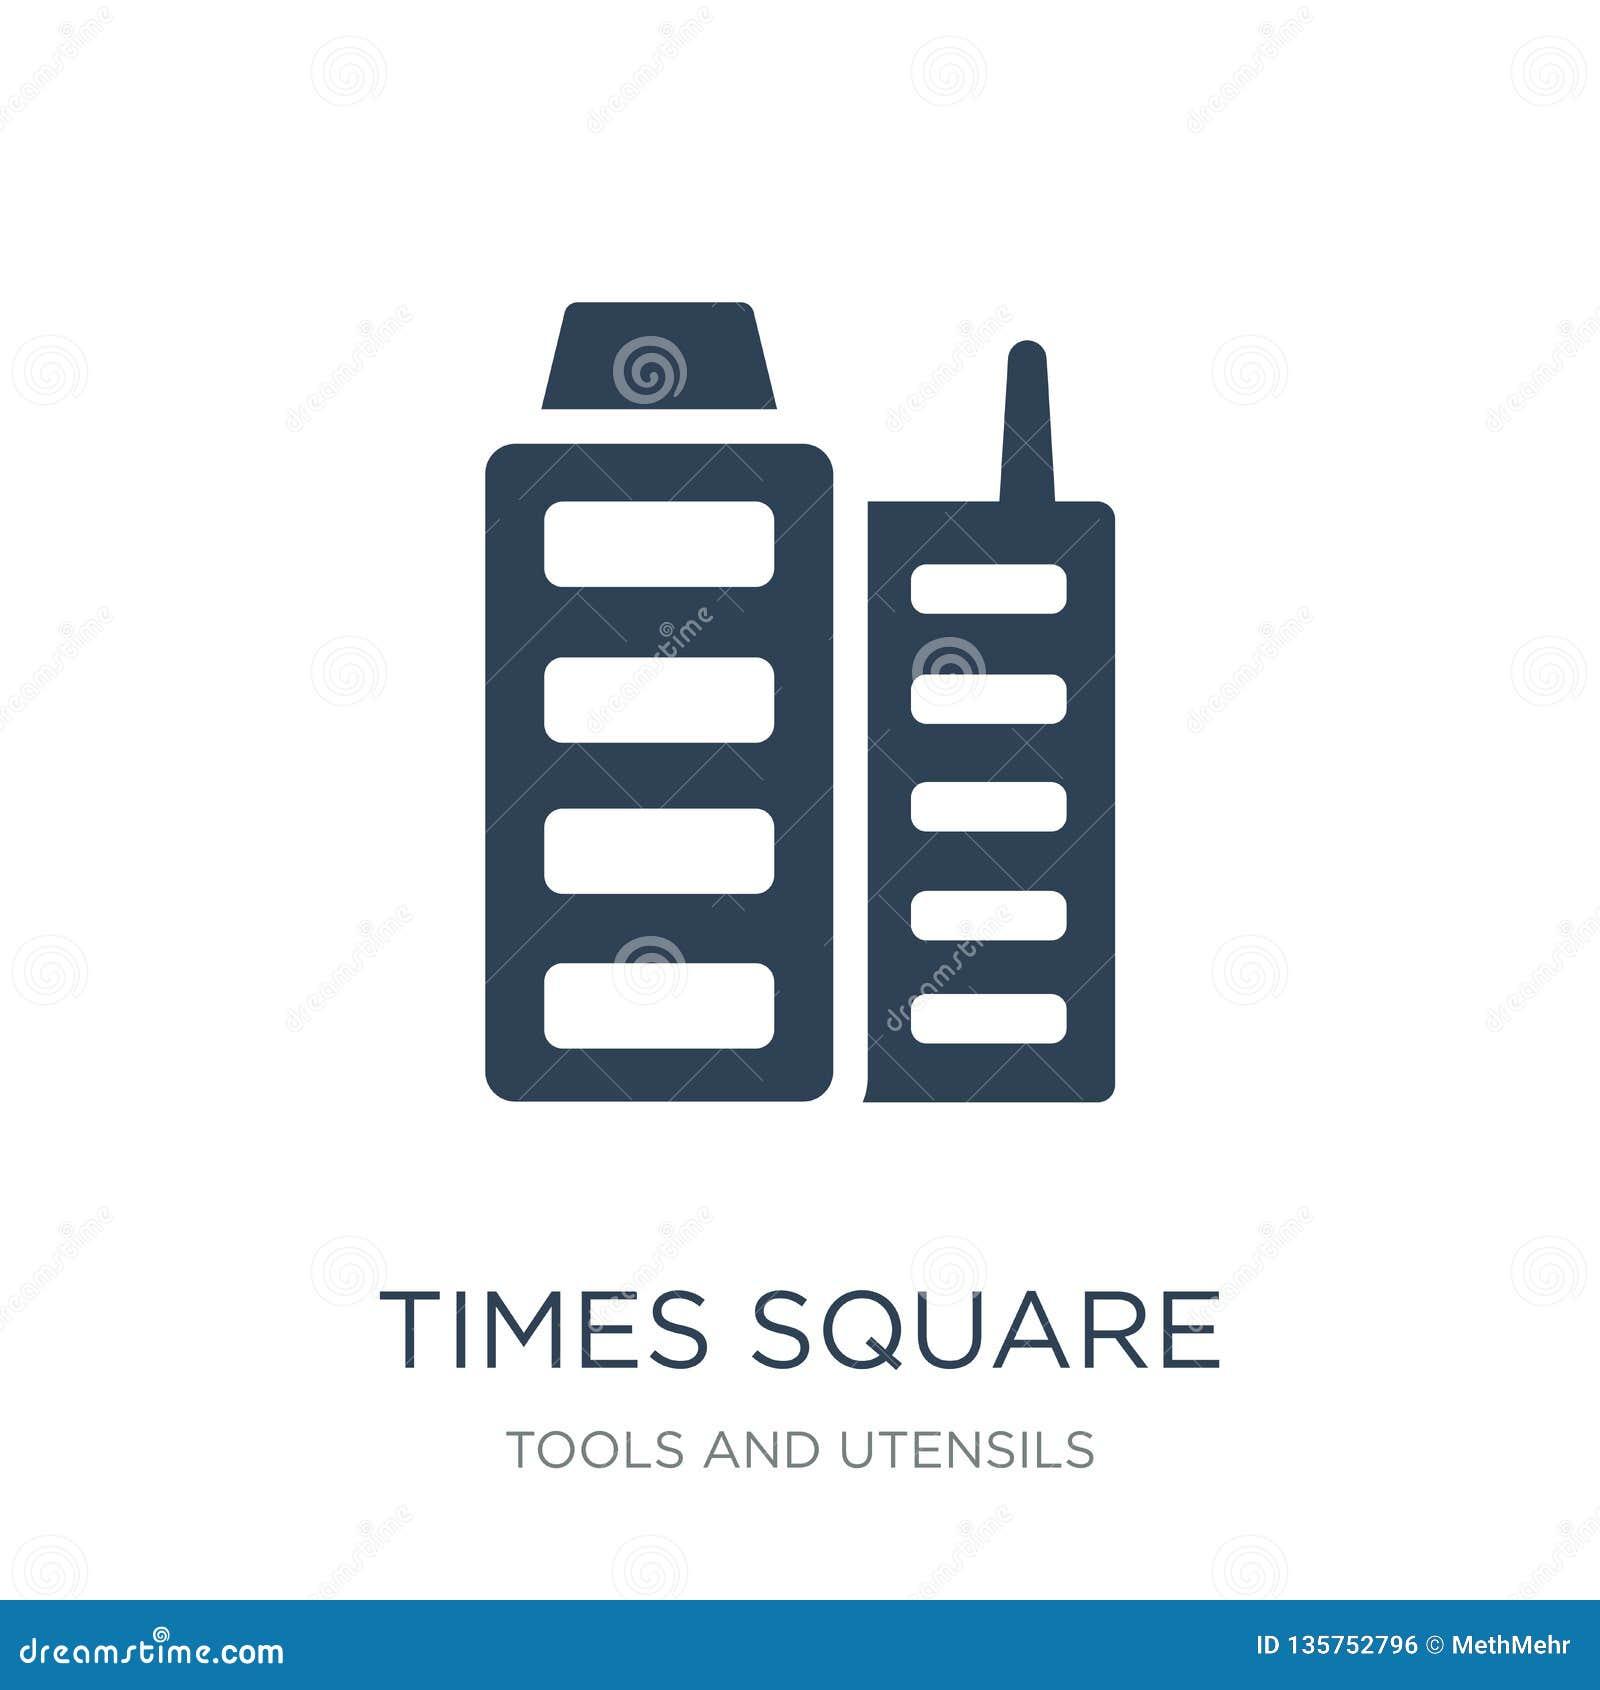 Tijden vierkant pictogram in in ontwerpstijl tijden vierkant die pictogram op witte achtergrond wordt geïsoleerd eenvoudig tijden